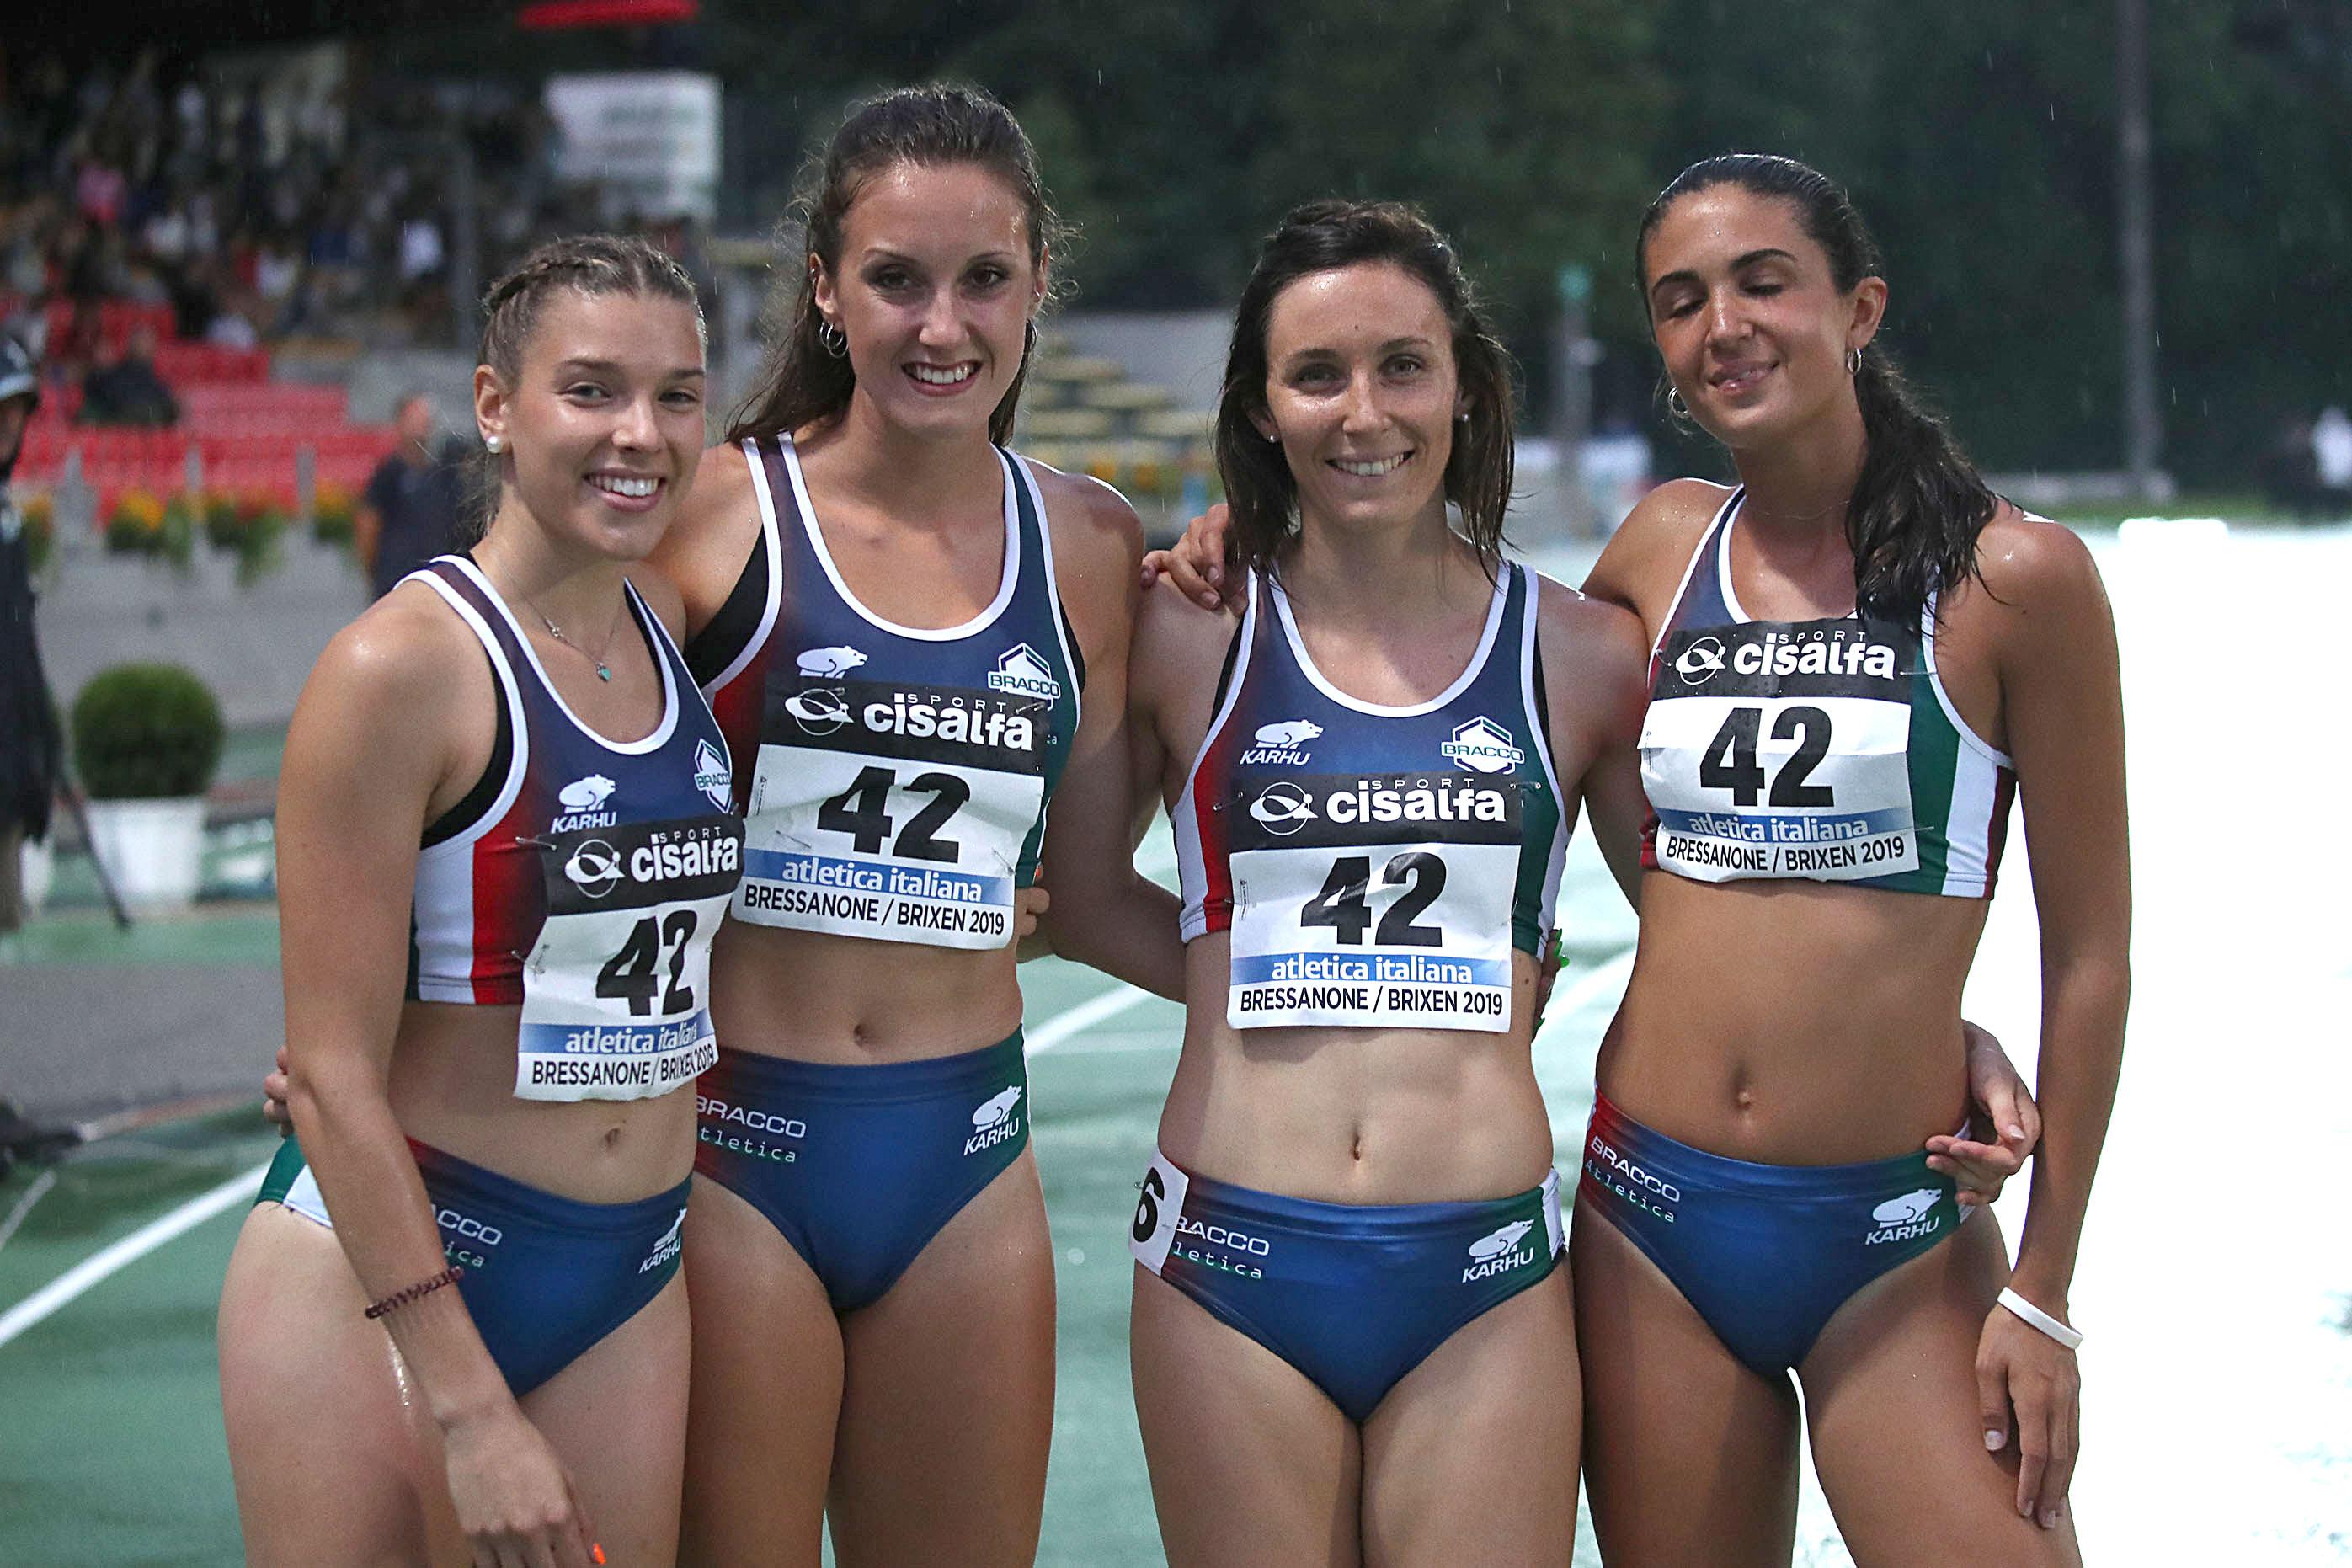 4x100 F Bracco Bressanone 2019 - REBECCA E' TORNATA!